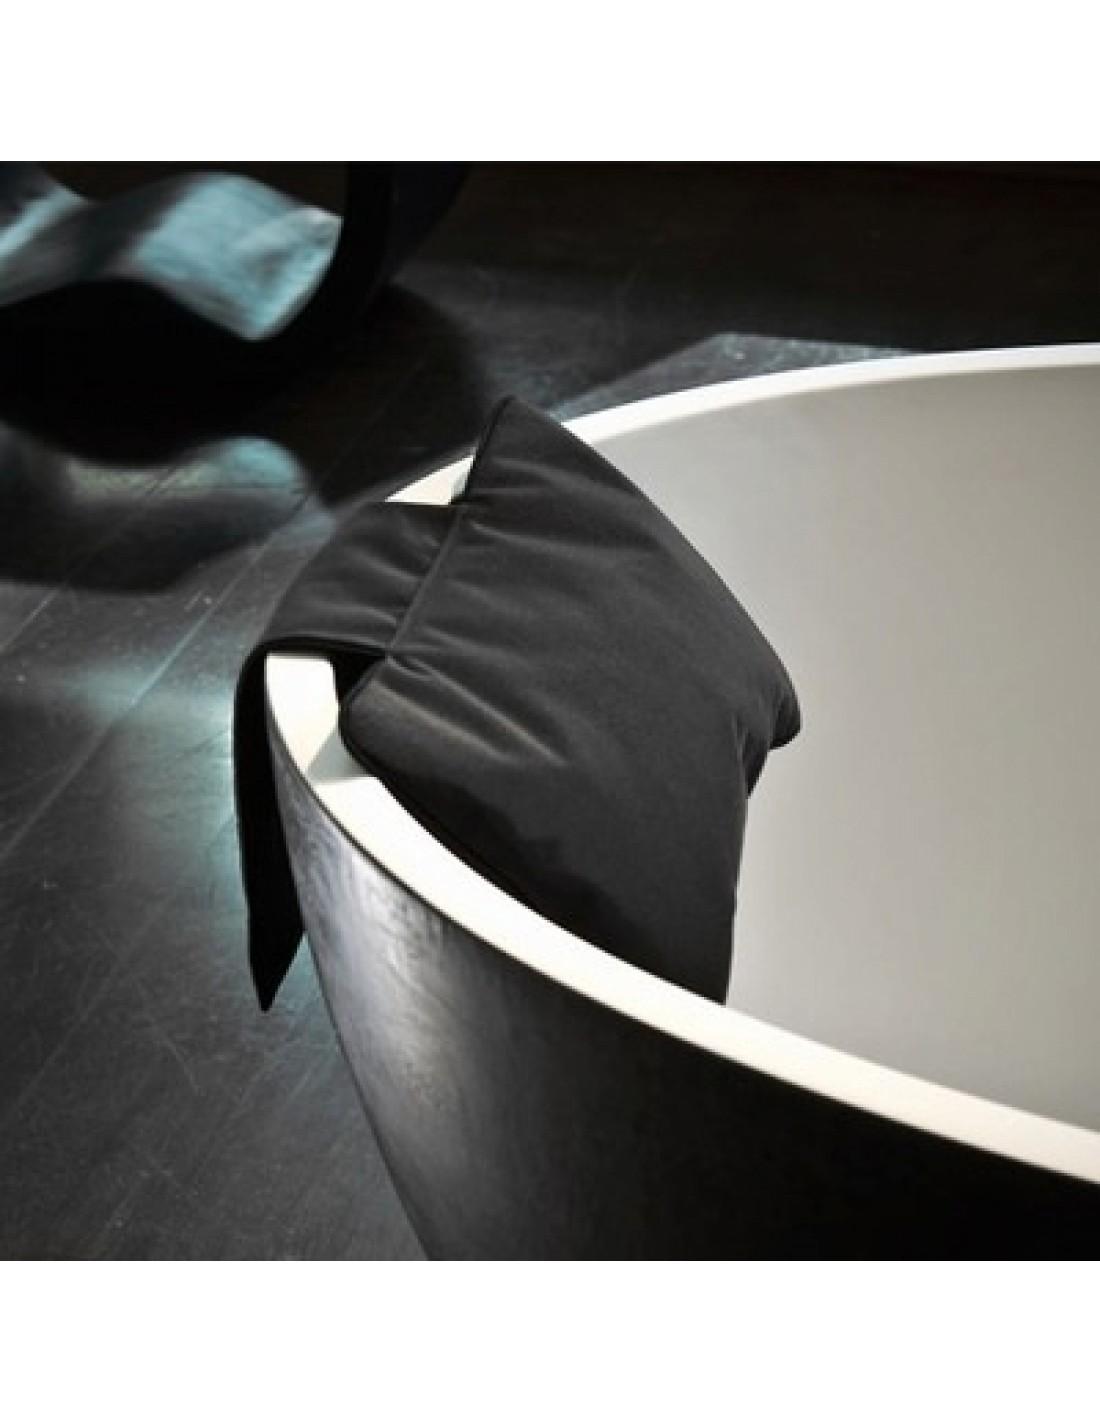 coussin noir pour baignoire ilot Decor Walther